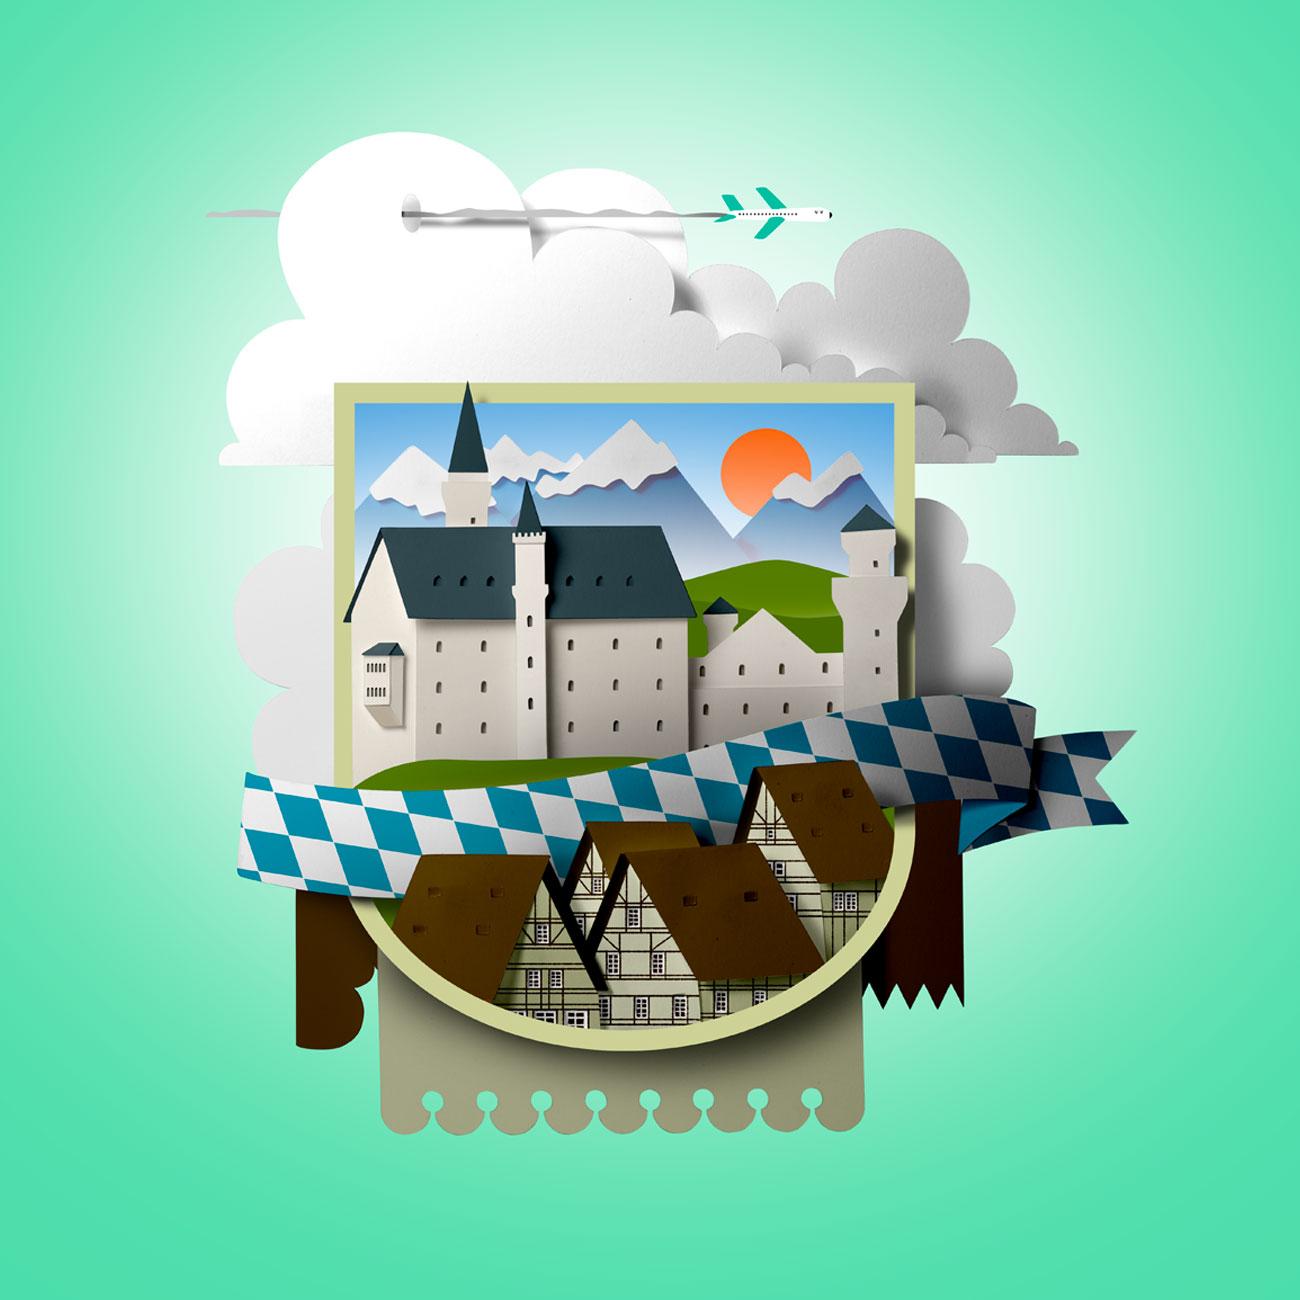 Papercut illustration. Paper cut. Paper art. Cut out illustration. Paper diorama. Advertising illustration. Landscape illustration.